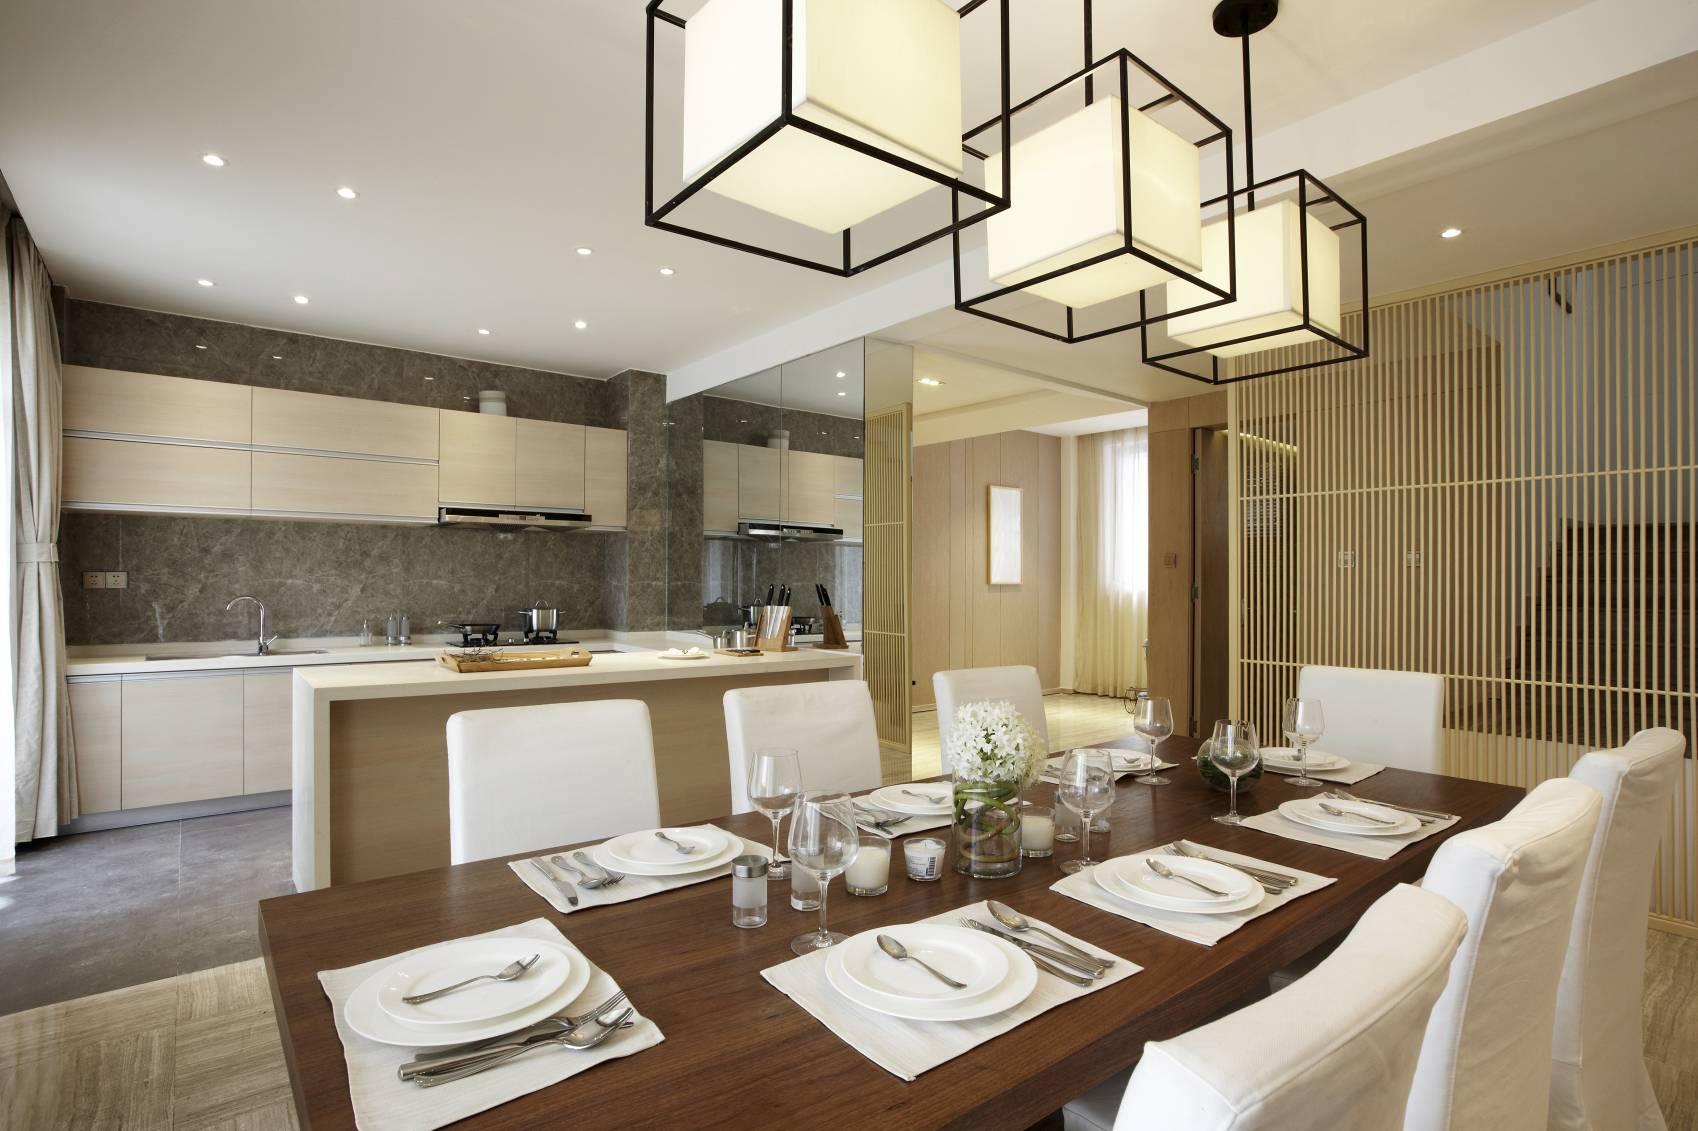 choisir une table de salle manger. Black Bedroom Furniture Sets. Home Design Ideas